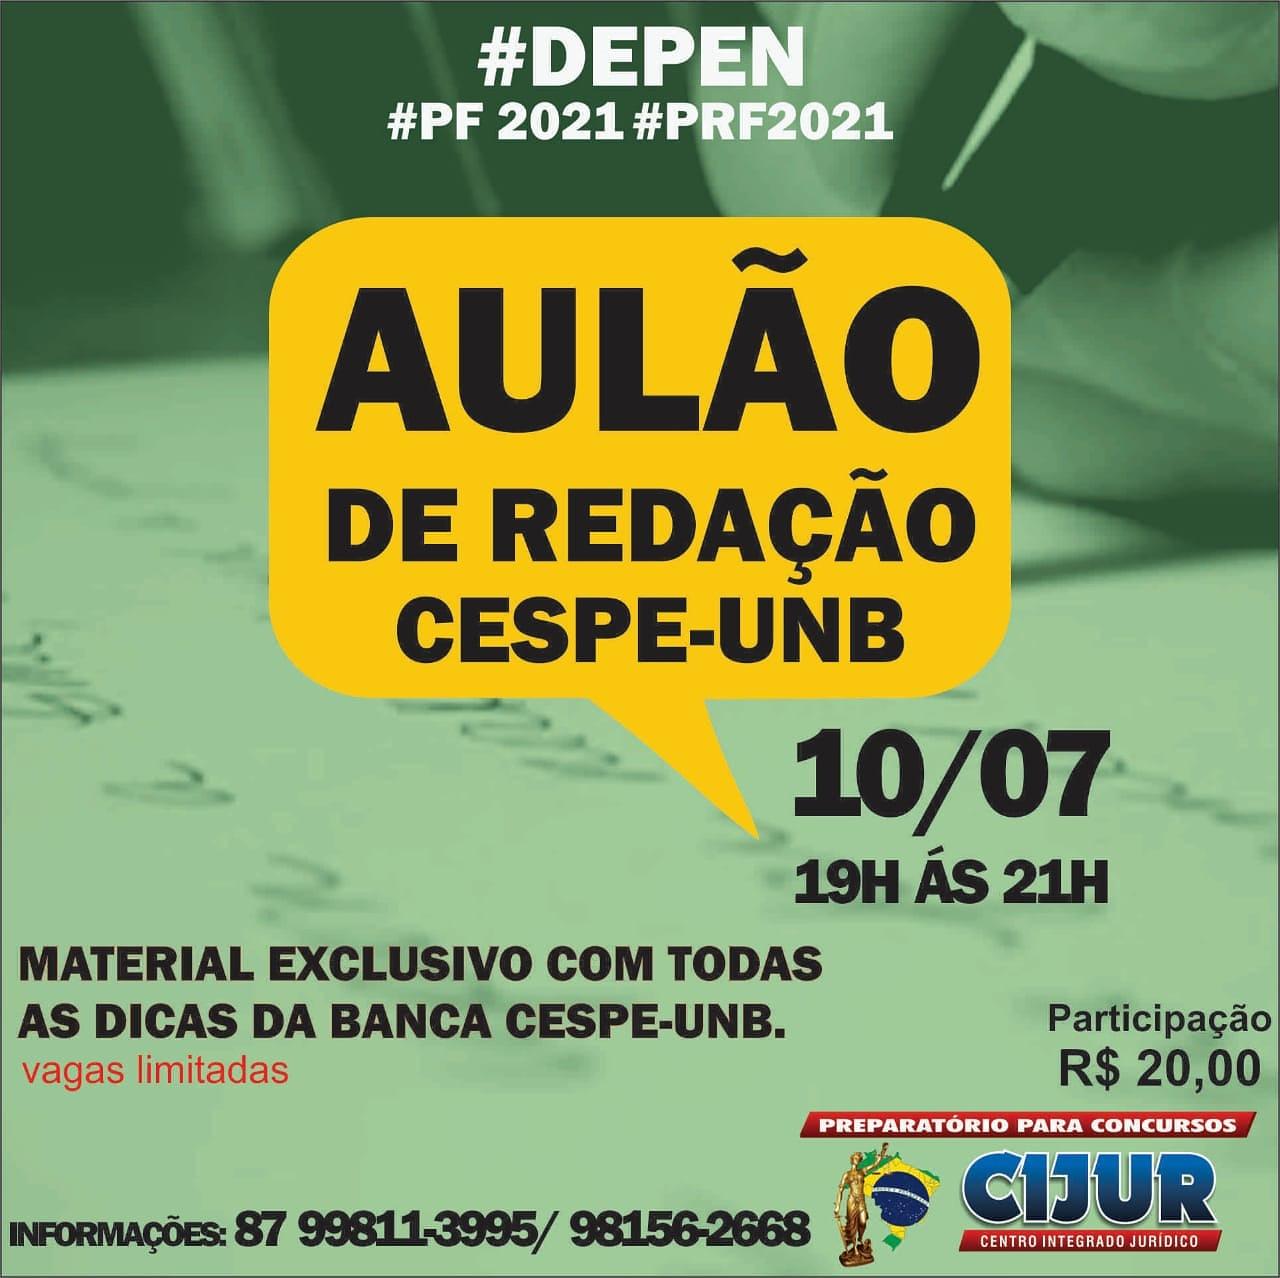 Aulão  de Redação do Cijur dia 10 de julho. Material didático gratuito em PDF.